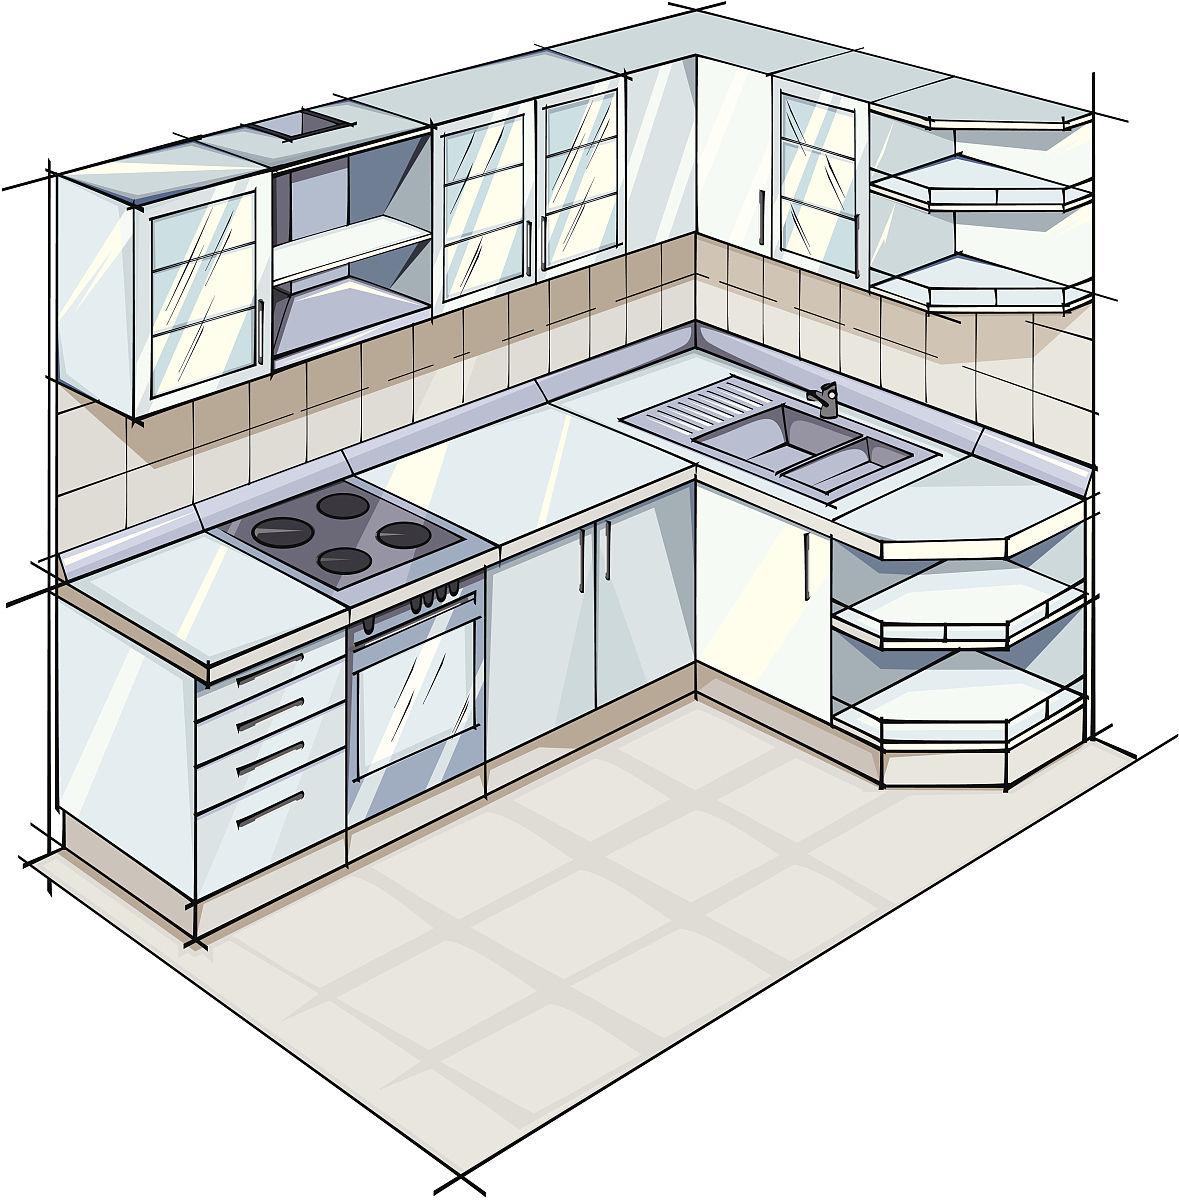 草图,灶台,主观视角,组物体,无人,透视图,整体情况,厨房水槽,高柜图片